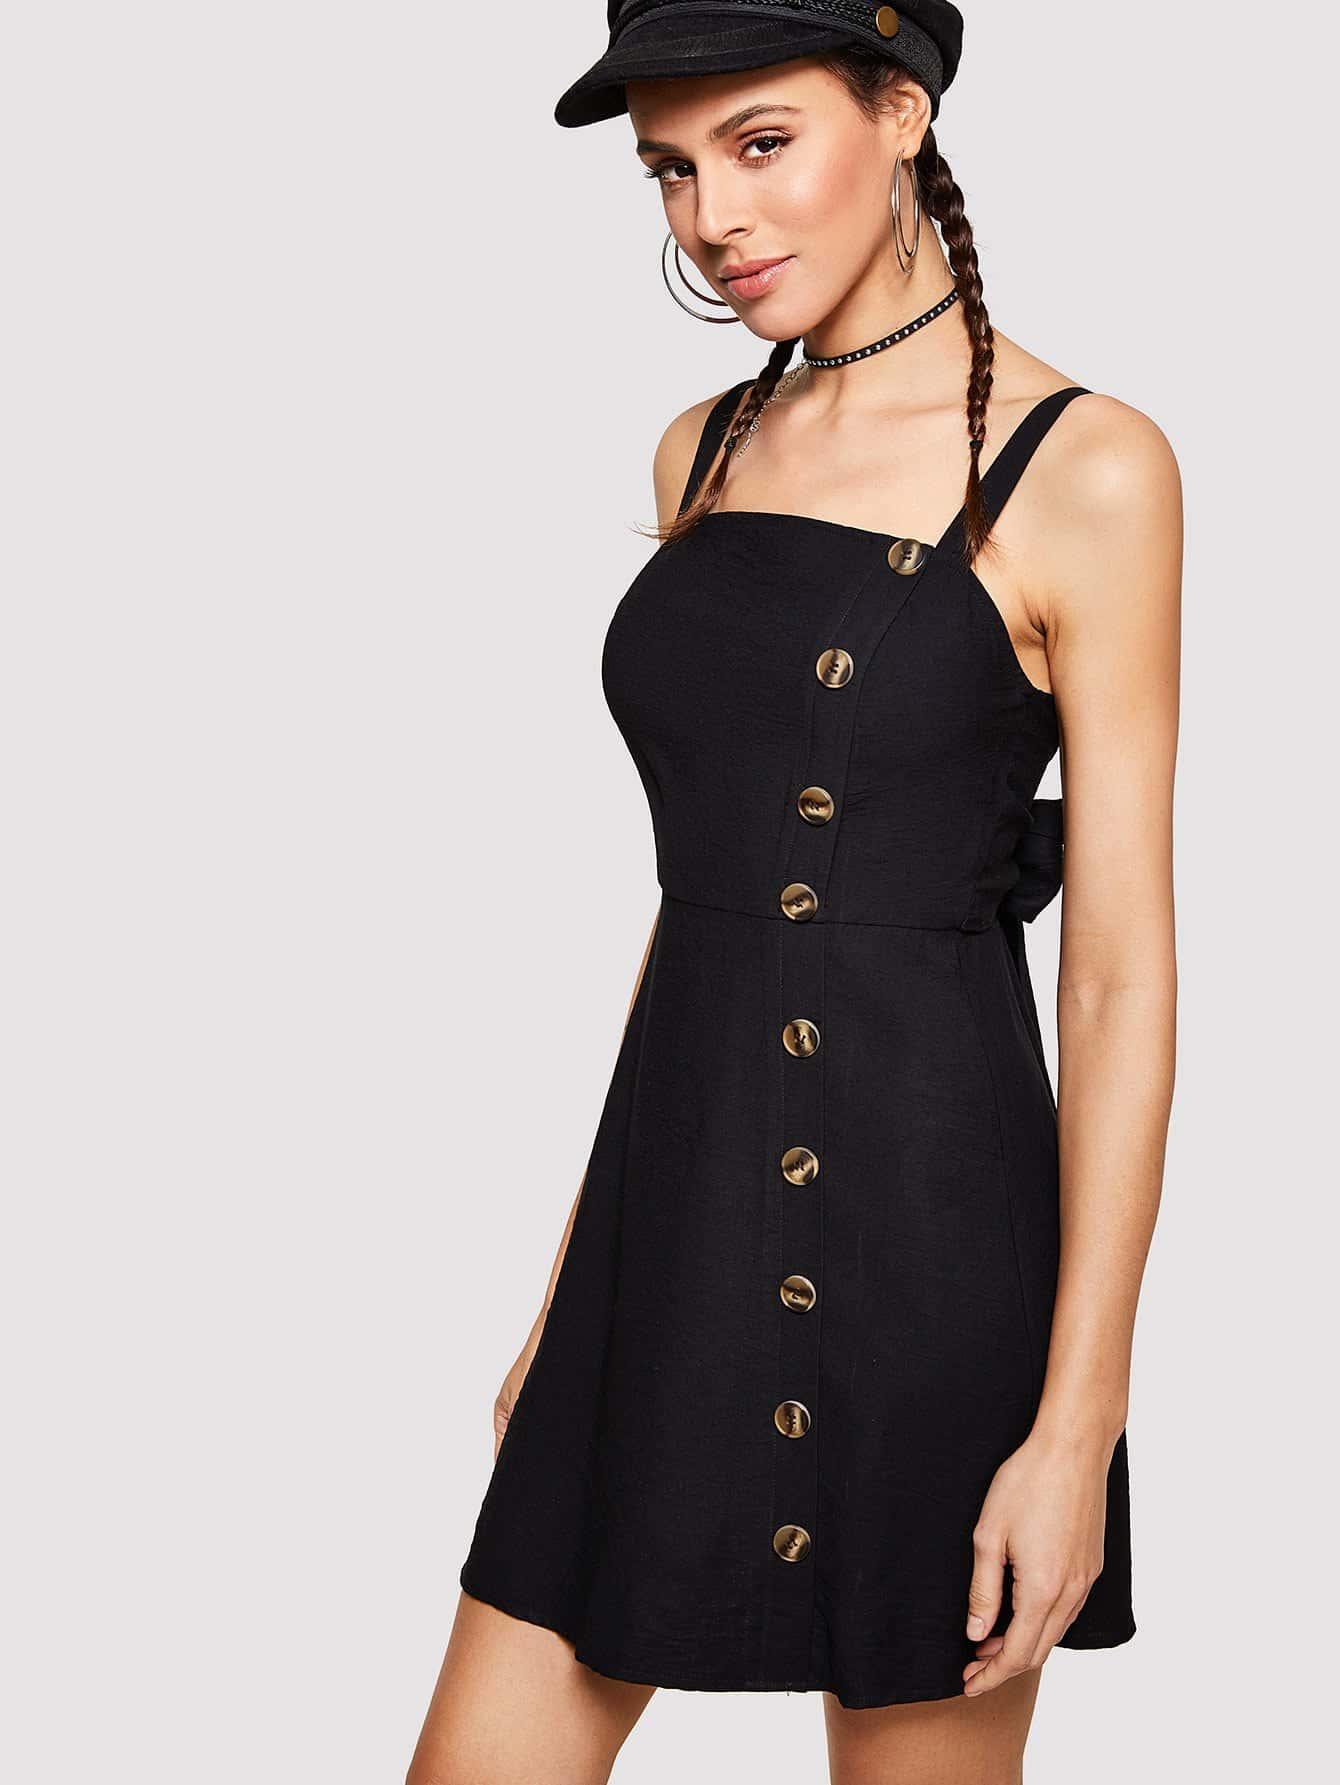 все цены на Knot Bow Back Button Up Strap Dress